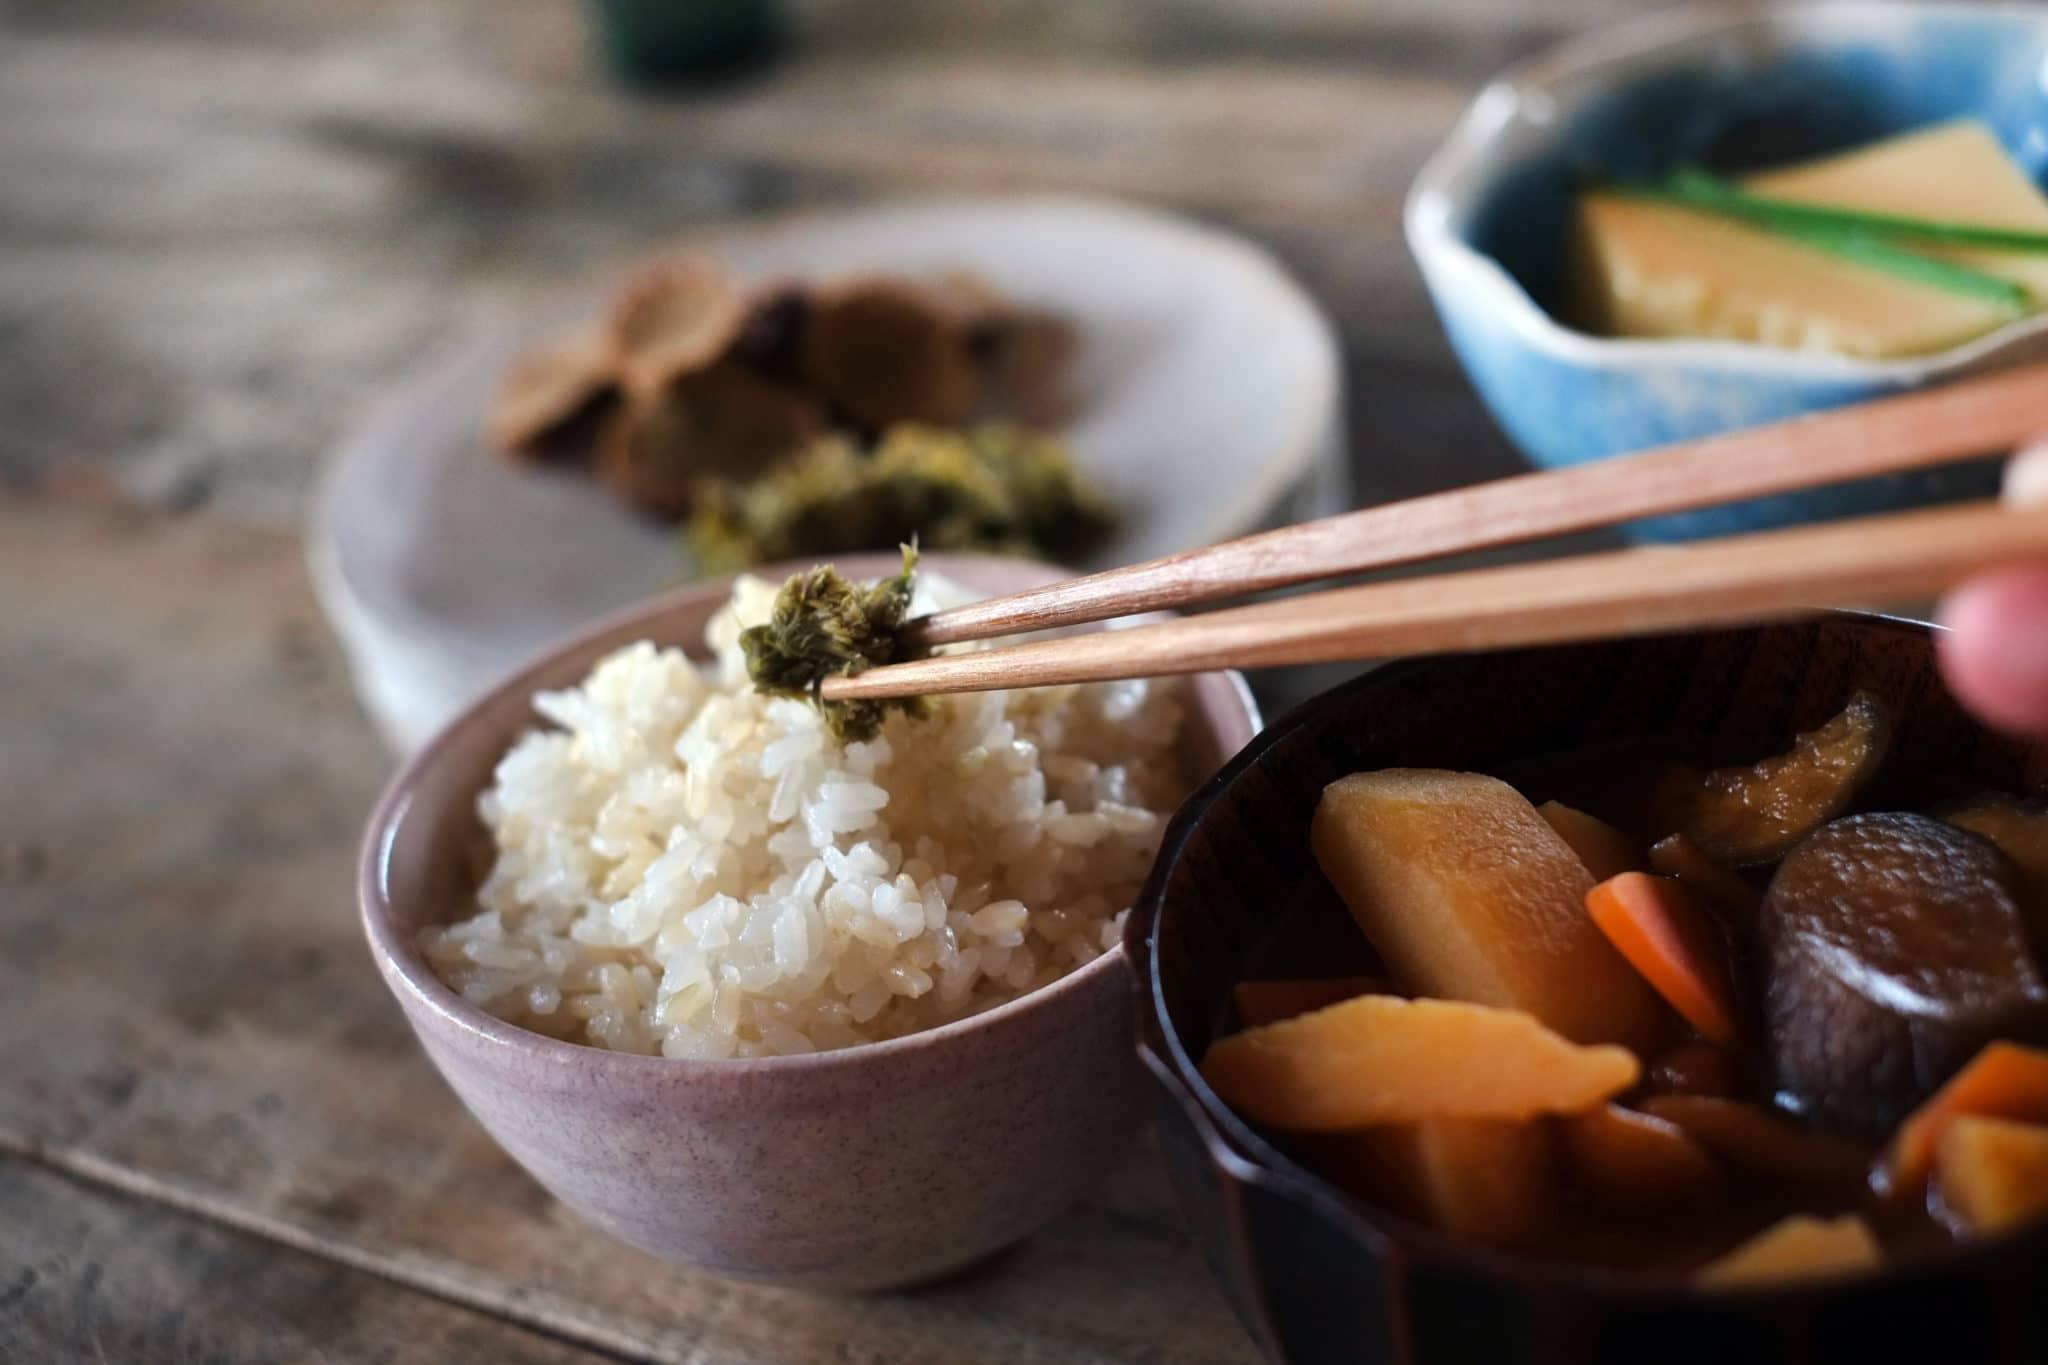 フィリピン留学のデメリット:日本食が恋しくなる